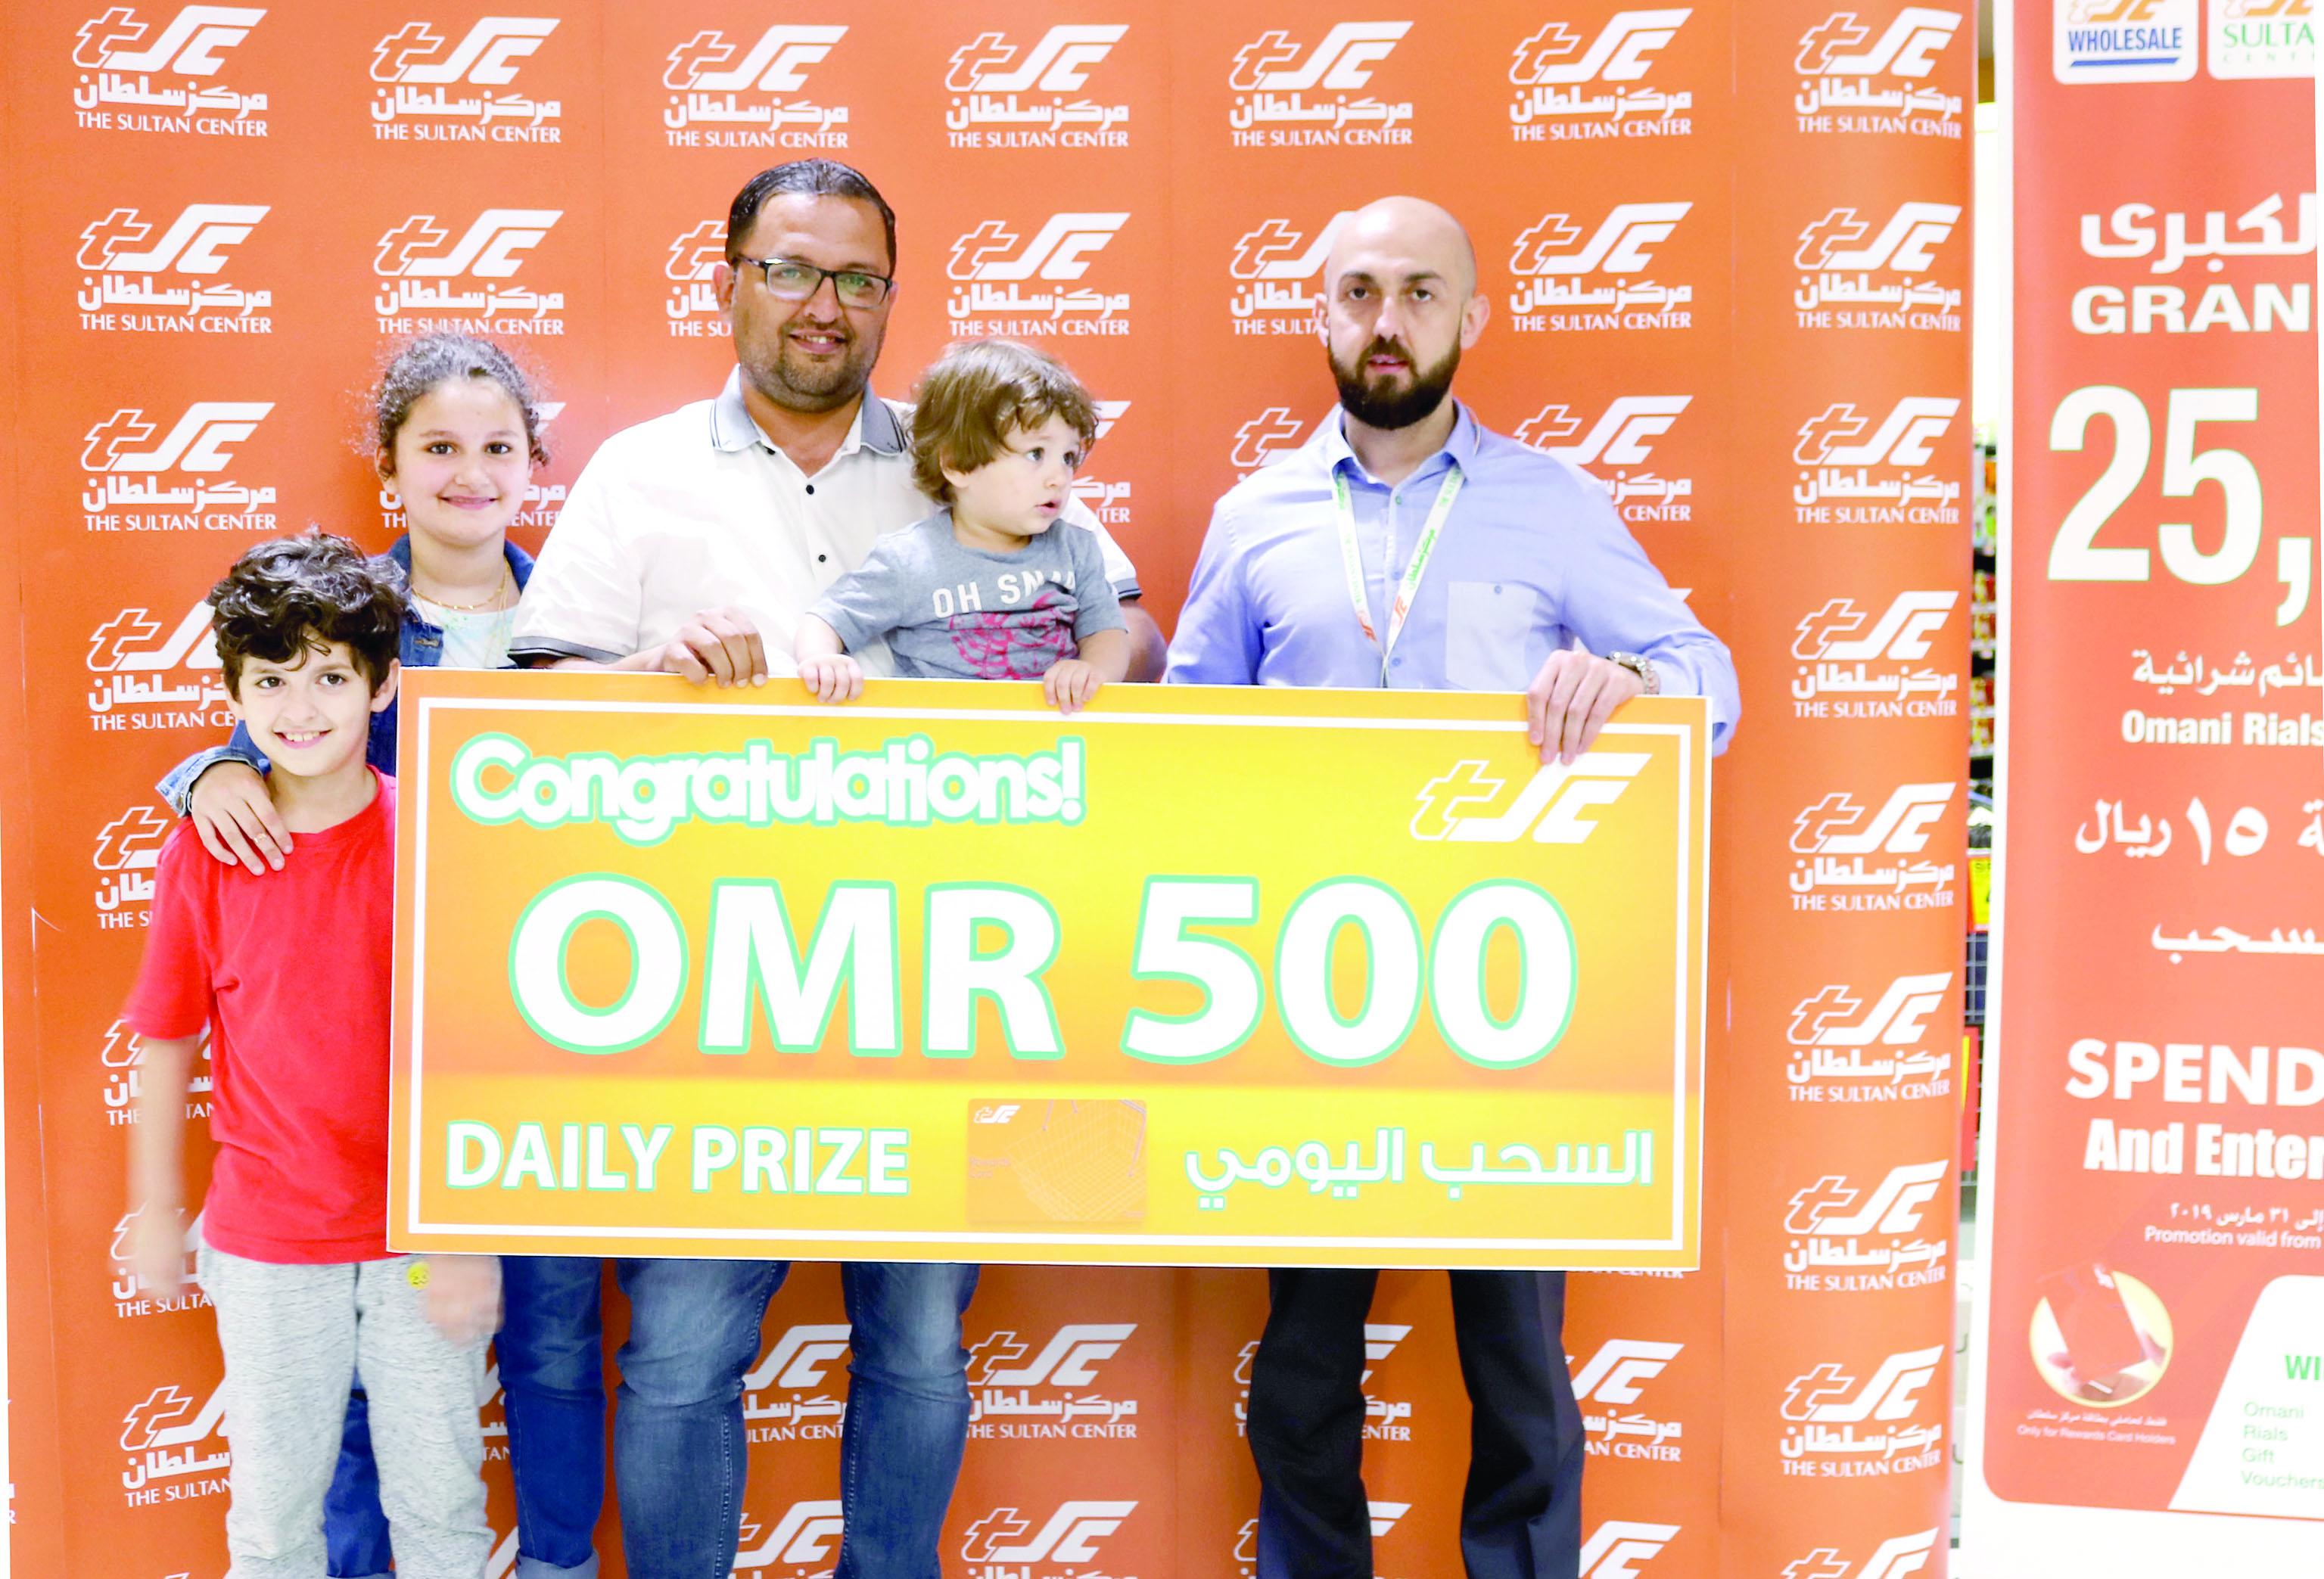 مركز سلطان يعلن أسماء الفائزين بالسحوبات الأسبوعية